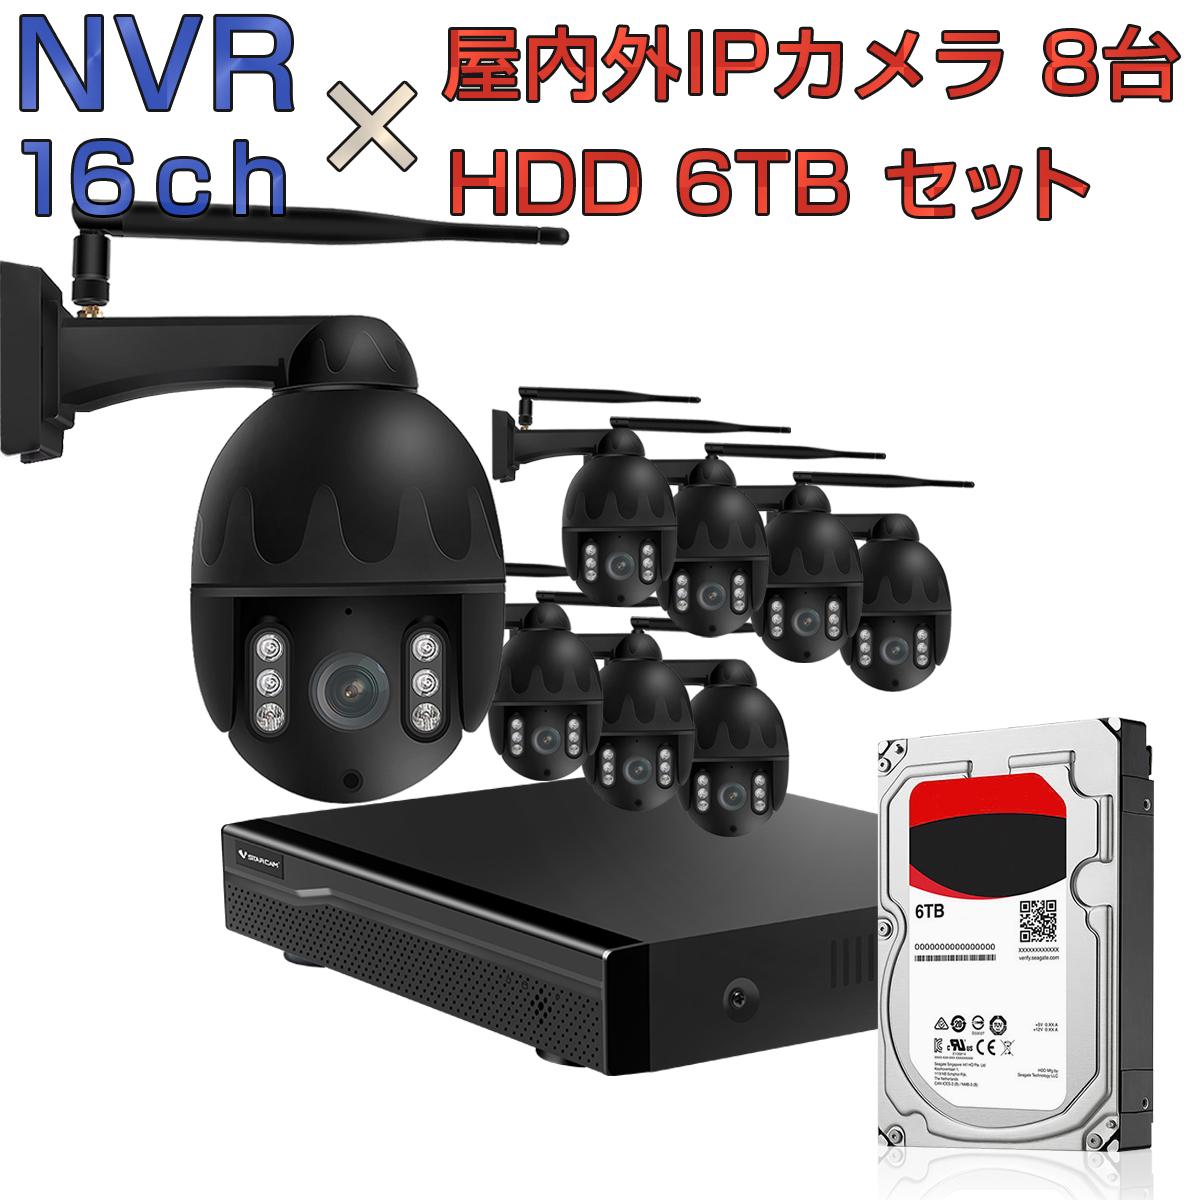 NVR ネットワークビデオレコーダー 16ch HDD6TB内蔵 C31S 2K 1080P 200万画素カメラ 8台セット IP ONVIF形式 スマホ対応 遠隔監視 1080P FHD 動体検知 同時出力 録音対応 H.265+ IPカメラレコーダー監視システム 宅配便送料無料 1年保証